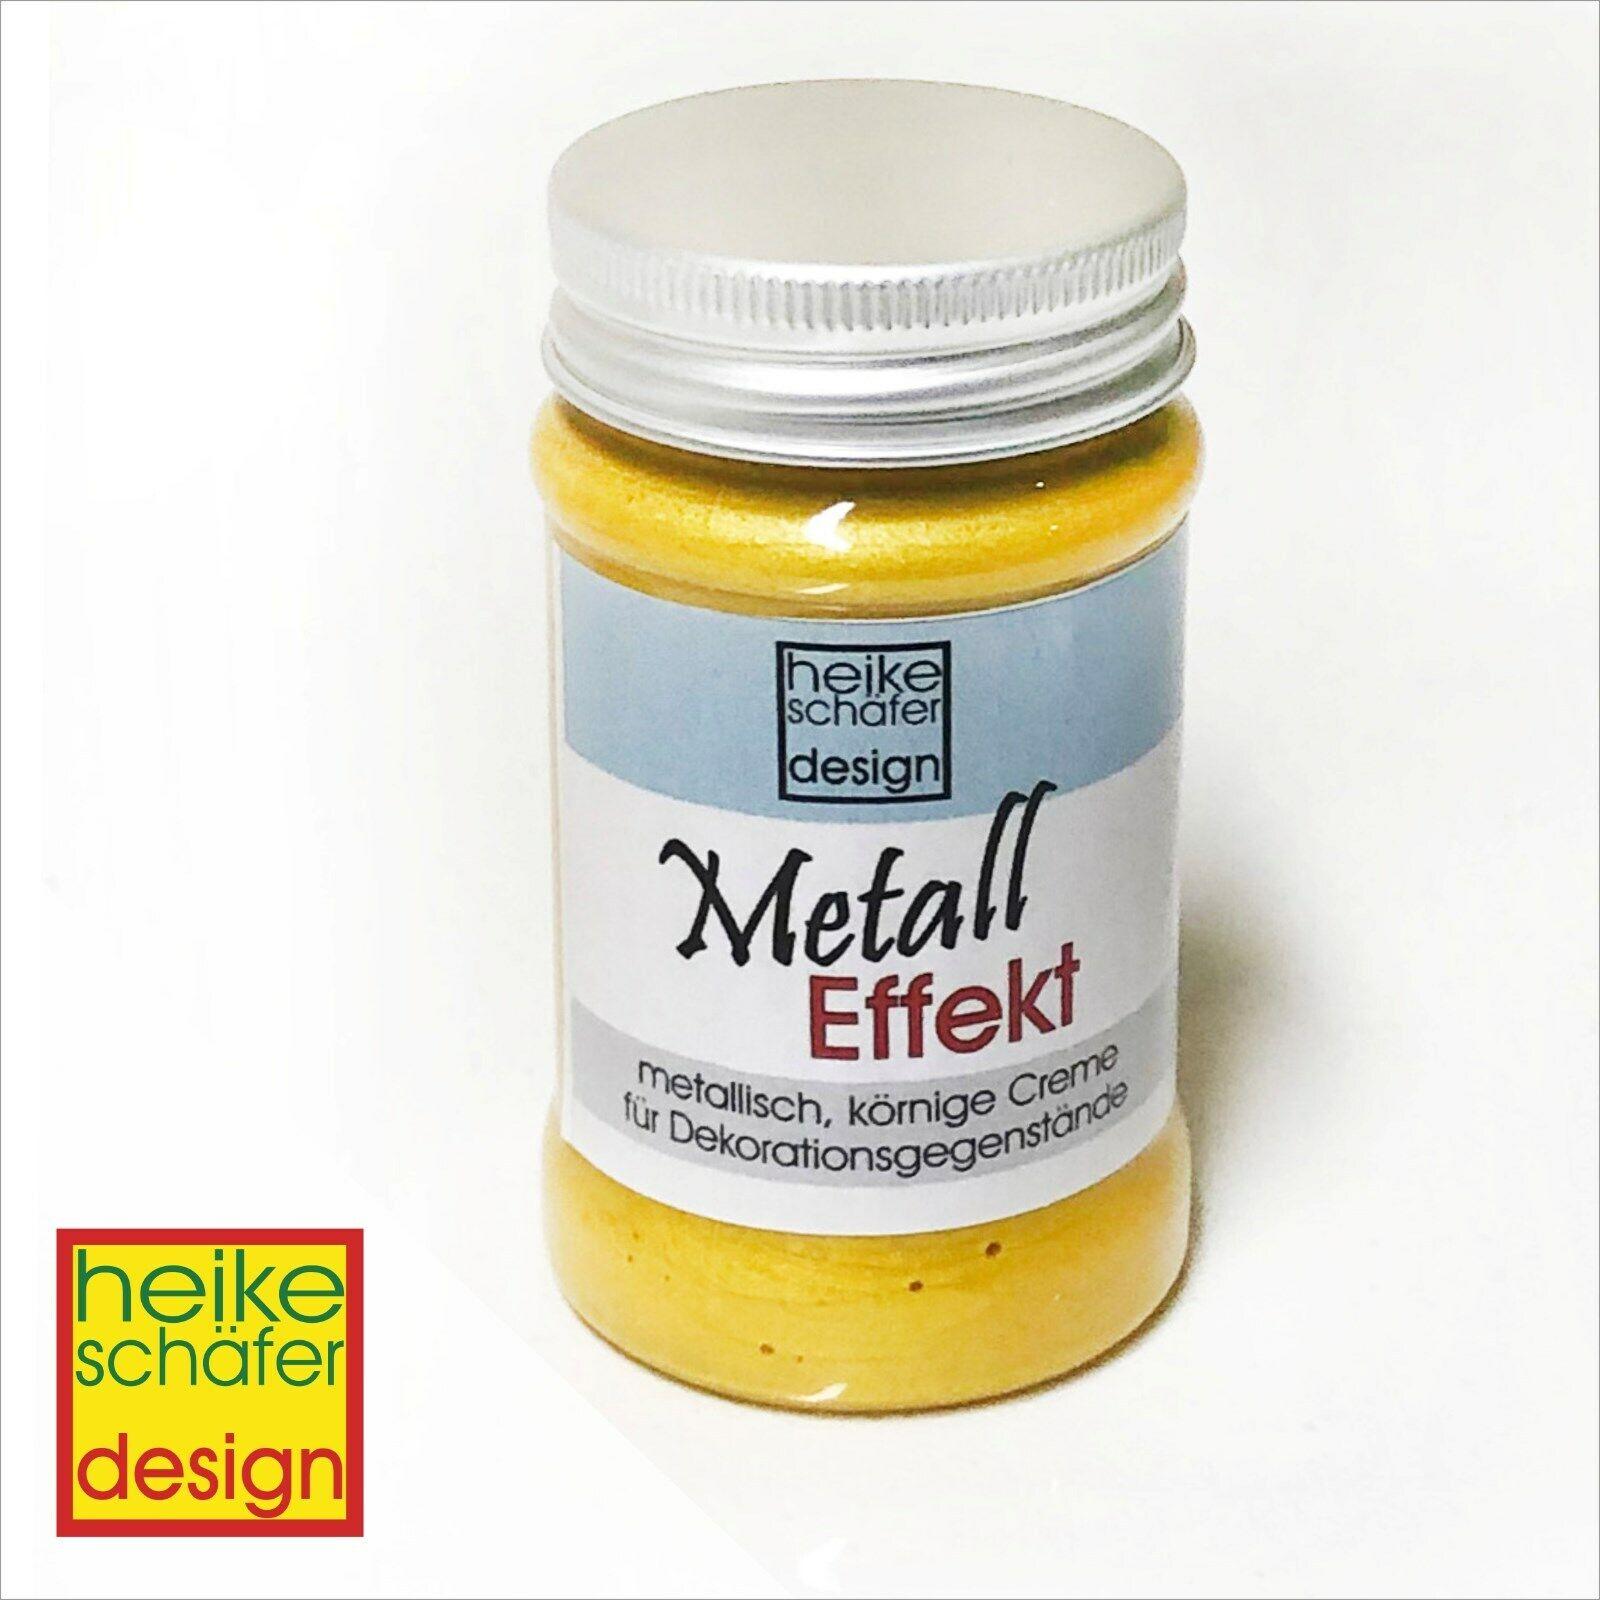 Metall Effekt Creme in Gelb 90ml -Neu-  Heike Schäfer Design